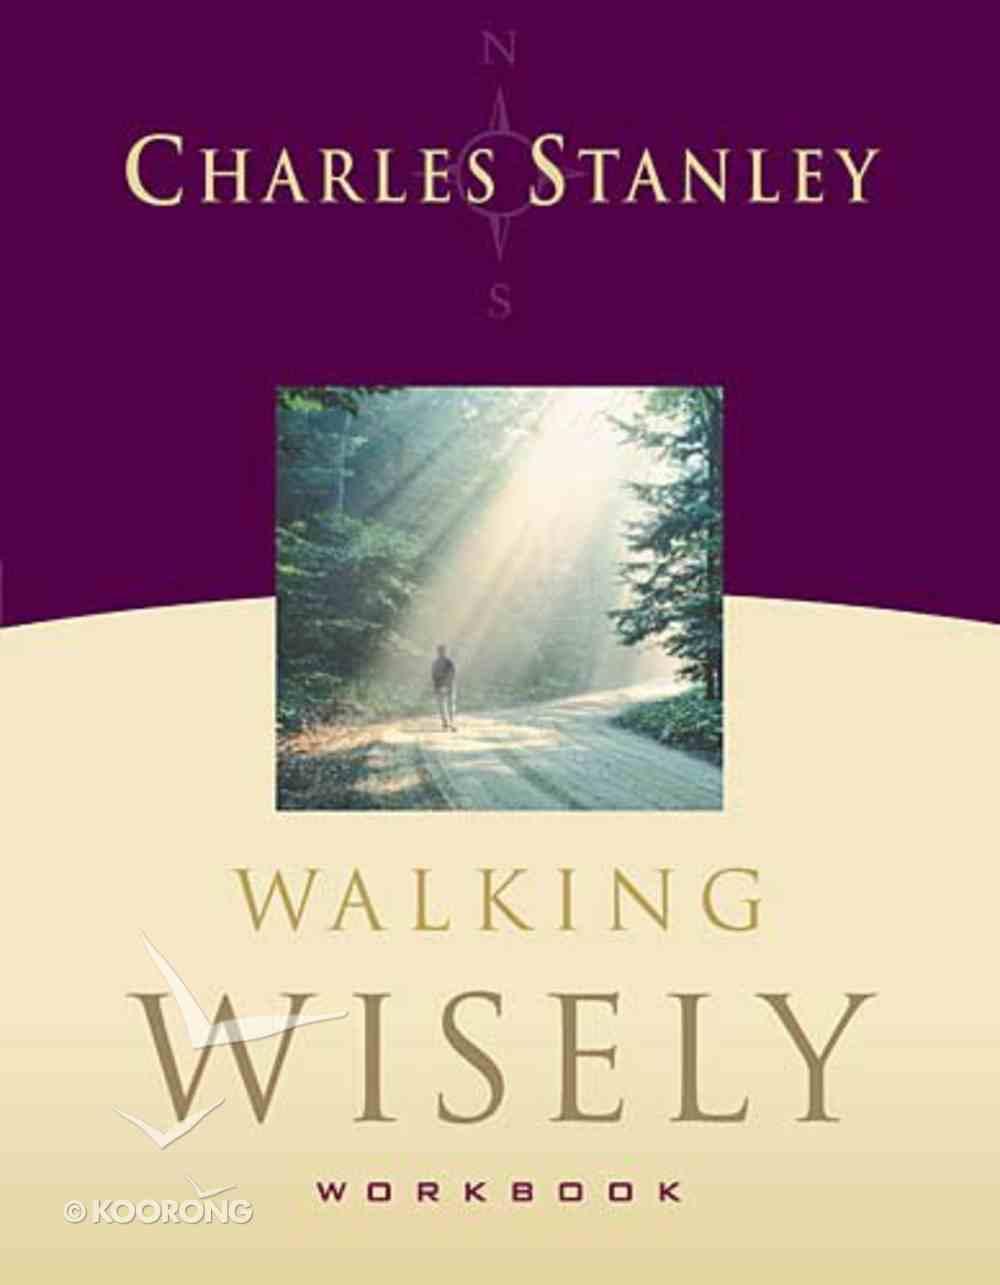 Walking Wisely Workbook Paperback